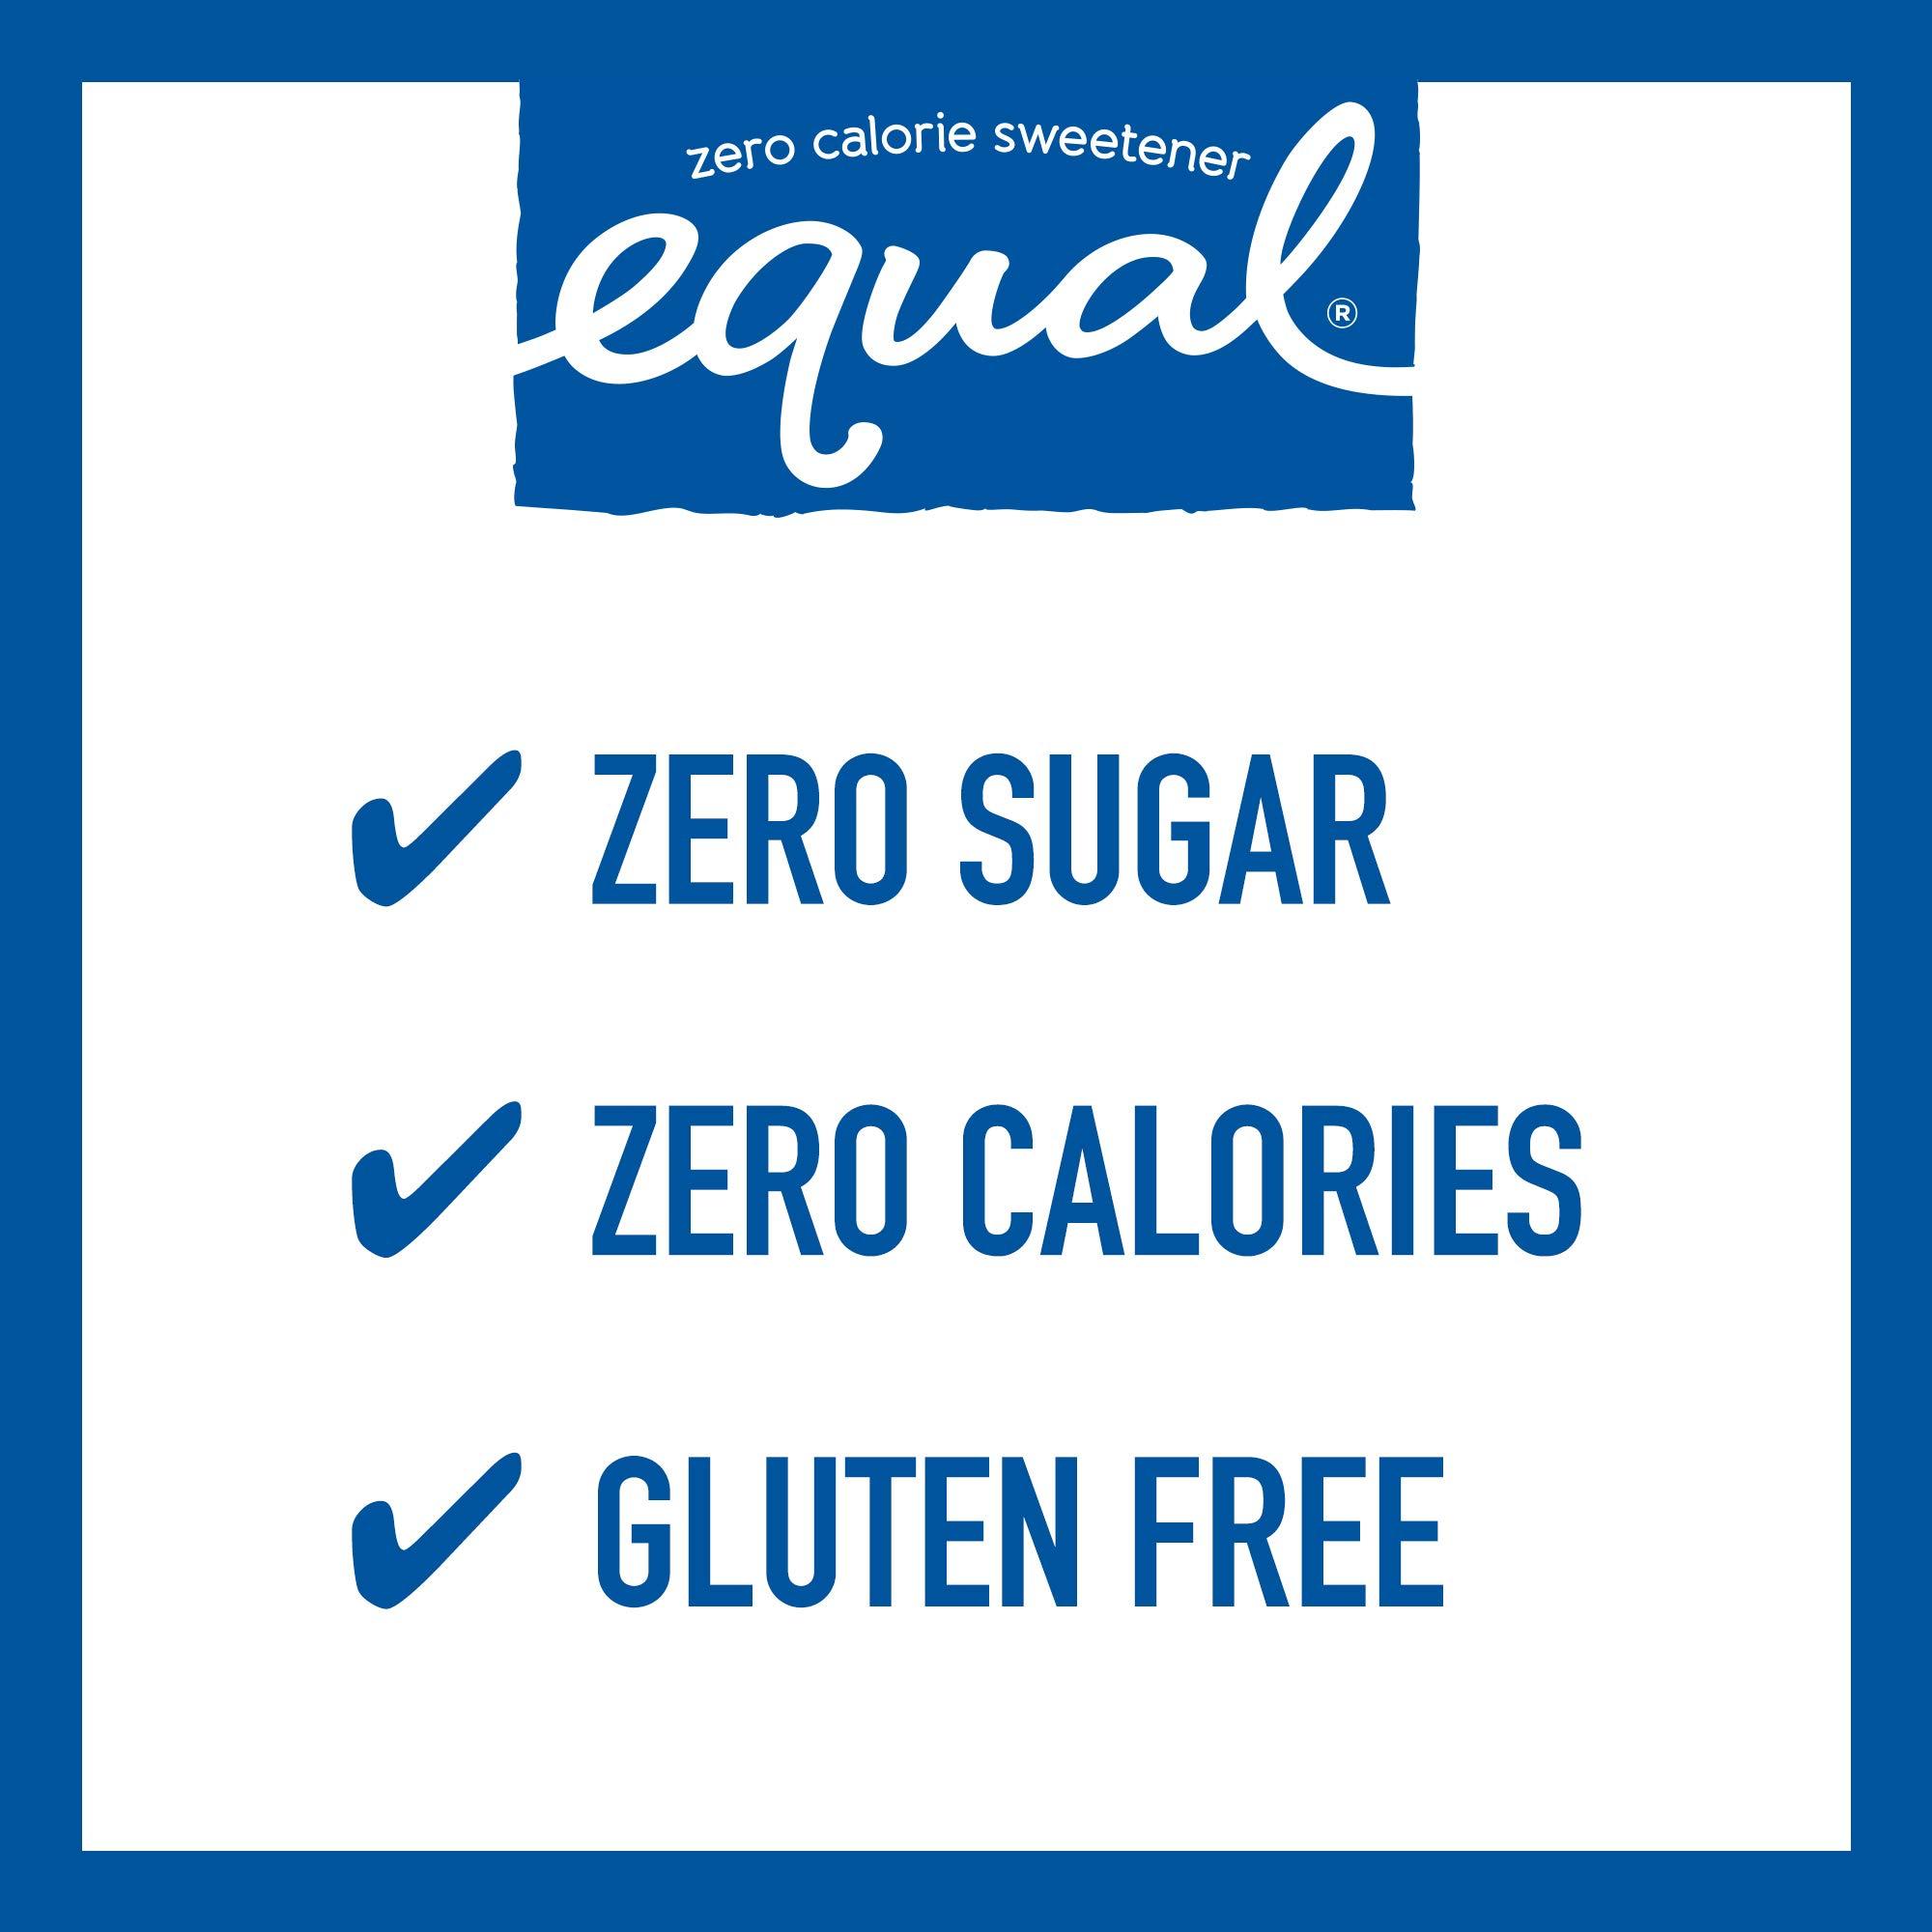 EQUAL 0 Calorie Sweetener, Sugar Substitute, Zero Calorie Sugar Alternative Sweetener Packets, Sugar Alternative, 50 Count (Pack of 12) by Equal (Image #3)